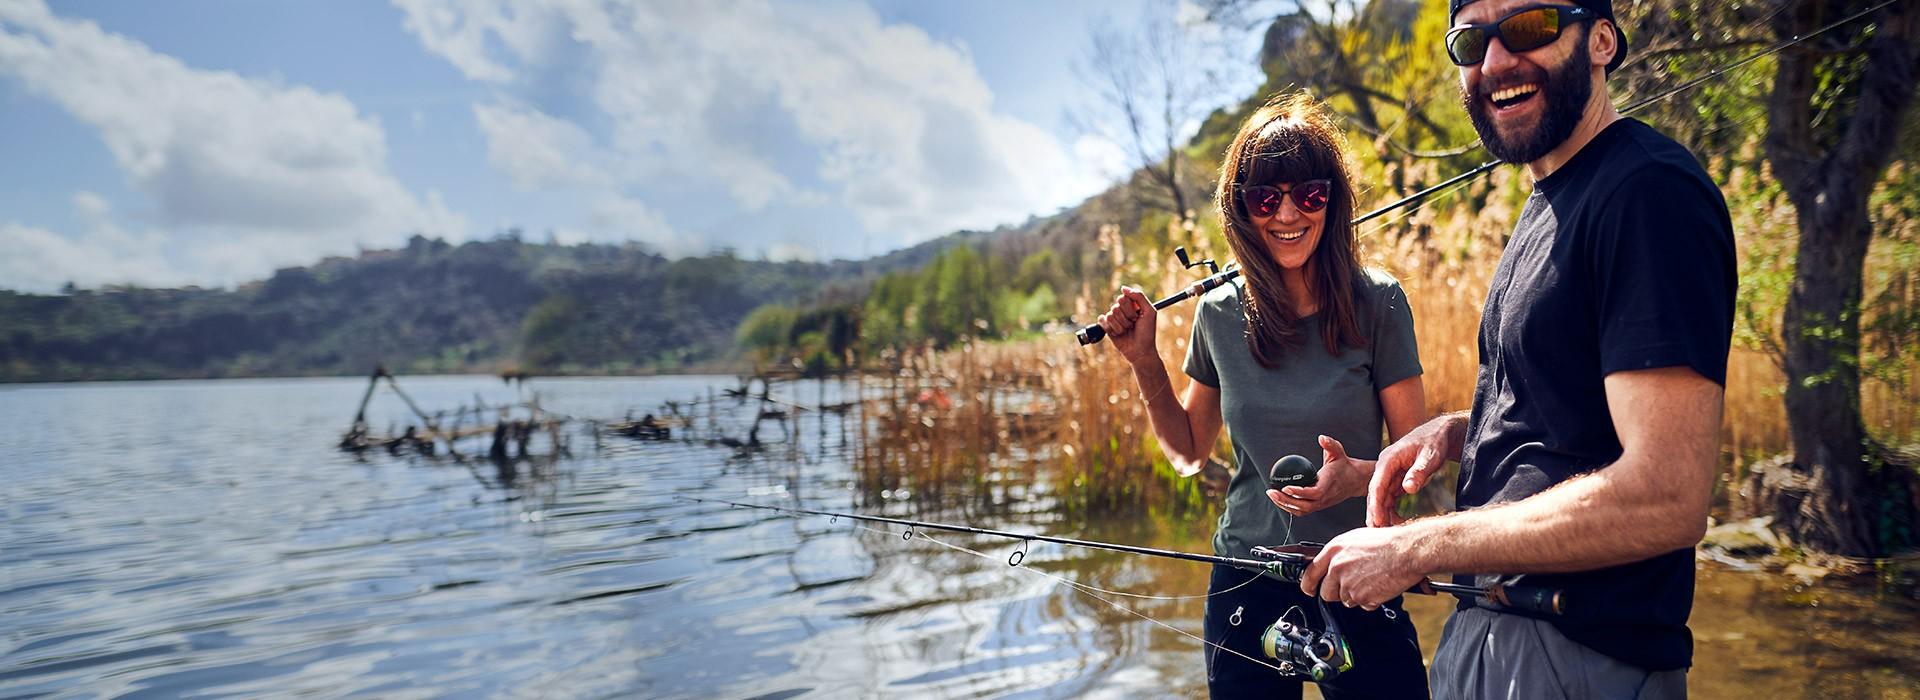 Ta dina fiskespön och njut av naturen i Sverige!Deeper Sonar från 2199,00 kr